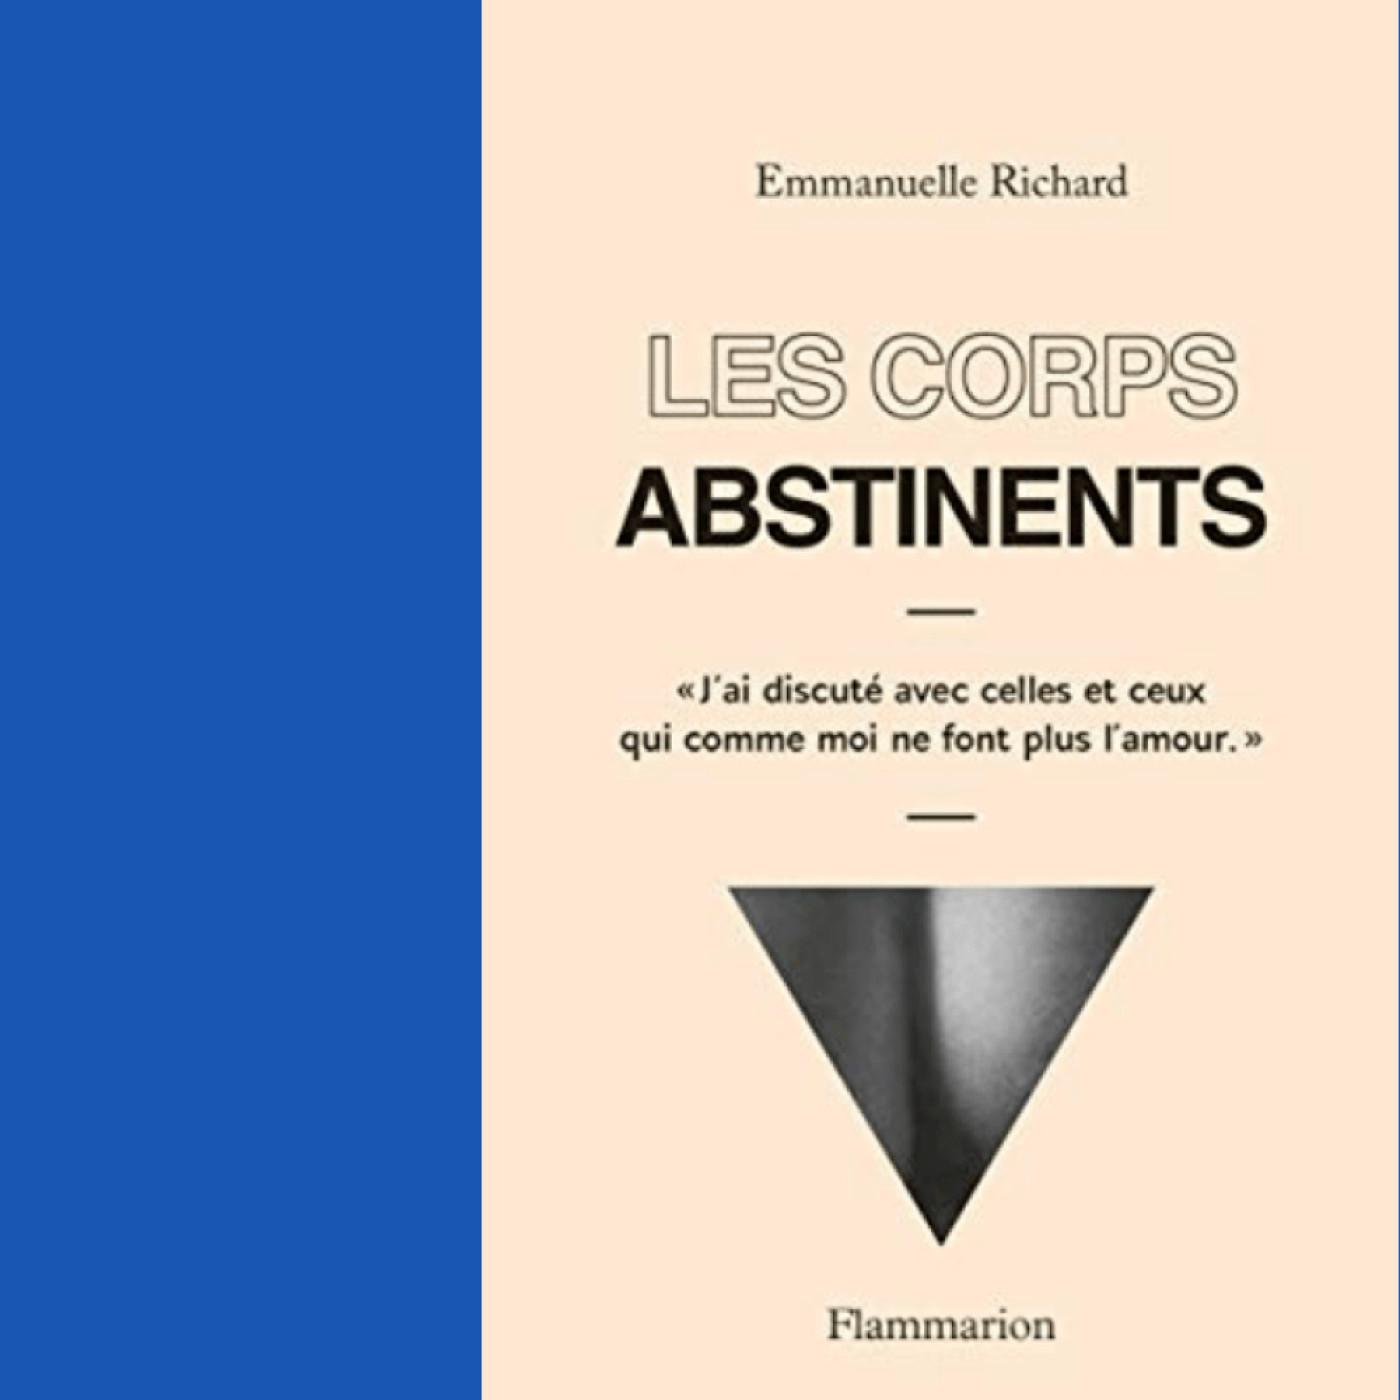 Les corps abstinents (extrait du livre de Emmanuelle Richard)